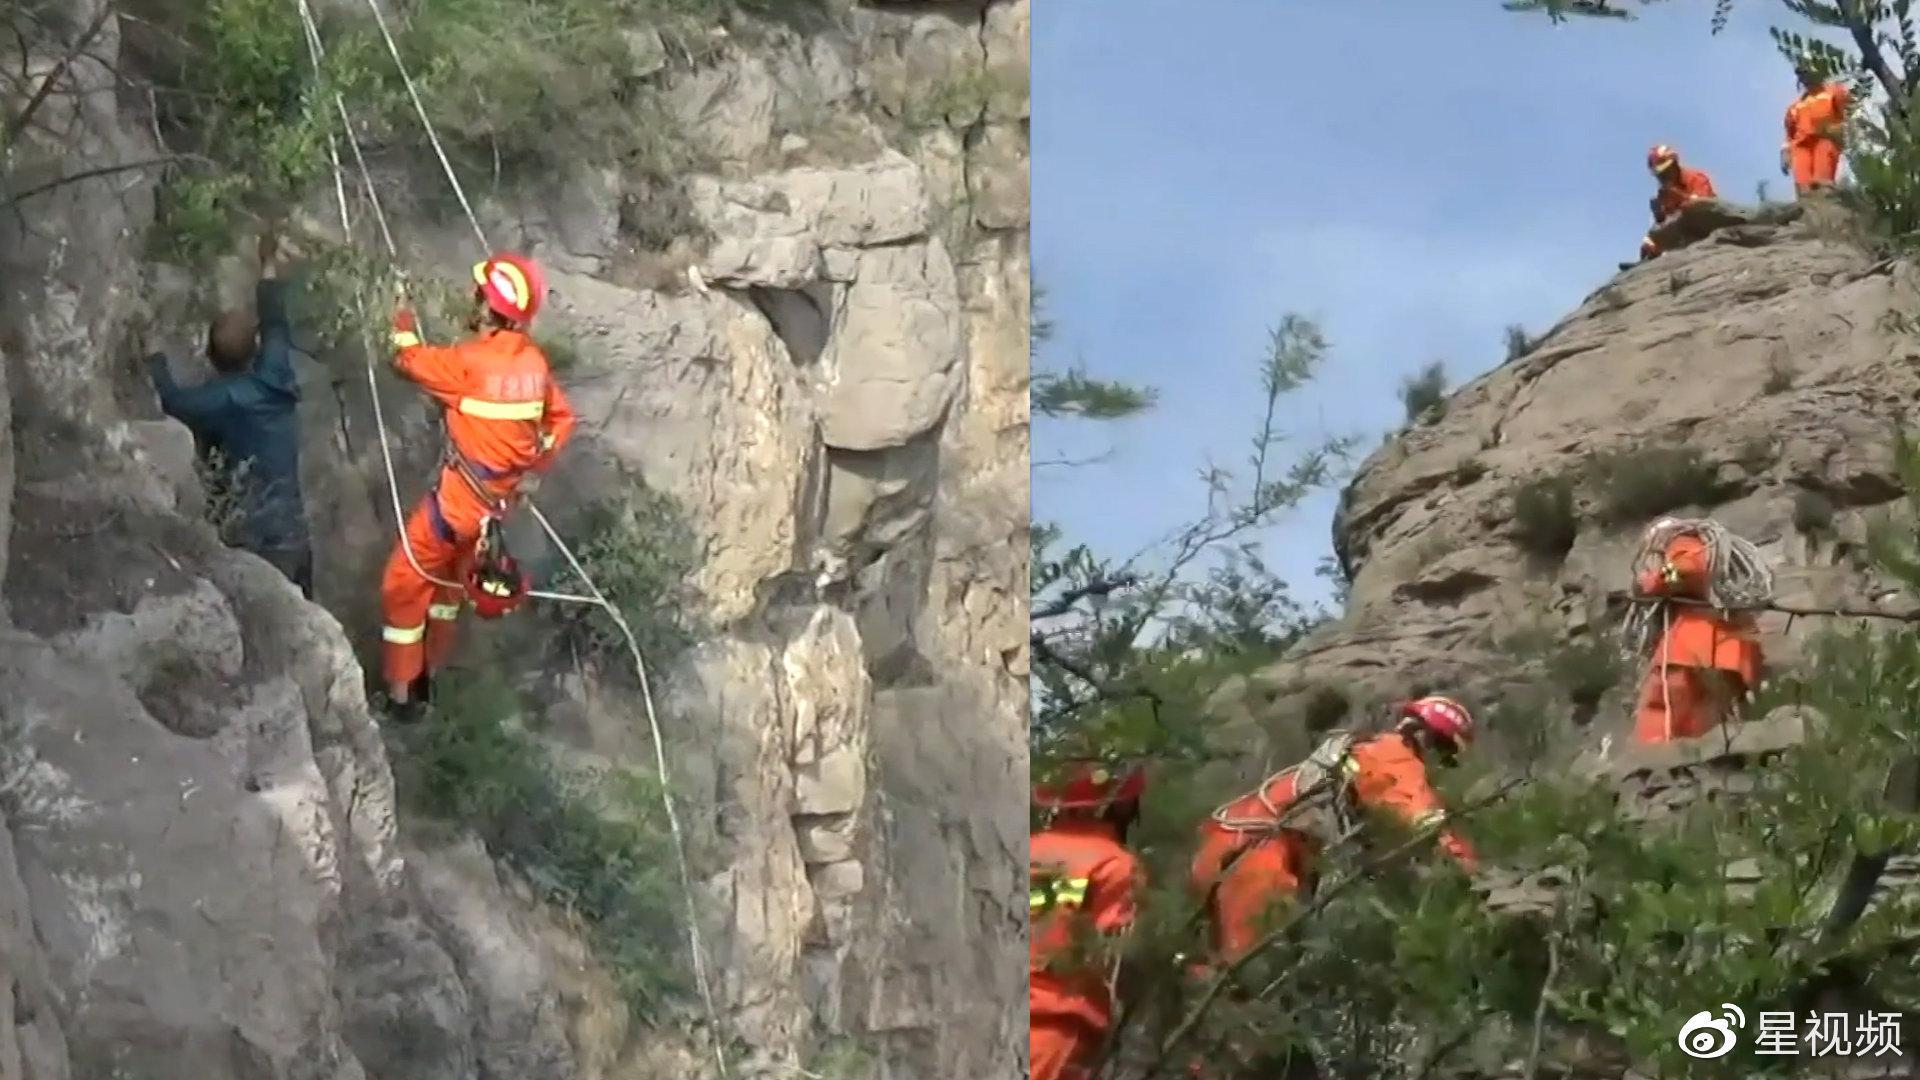 驴友被困山崖斜坡上下艰难,消防员翻越8个山头惊险救援